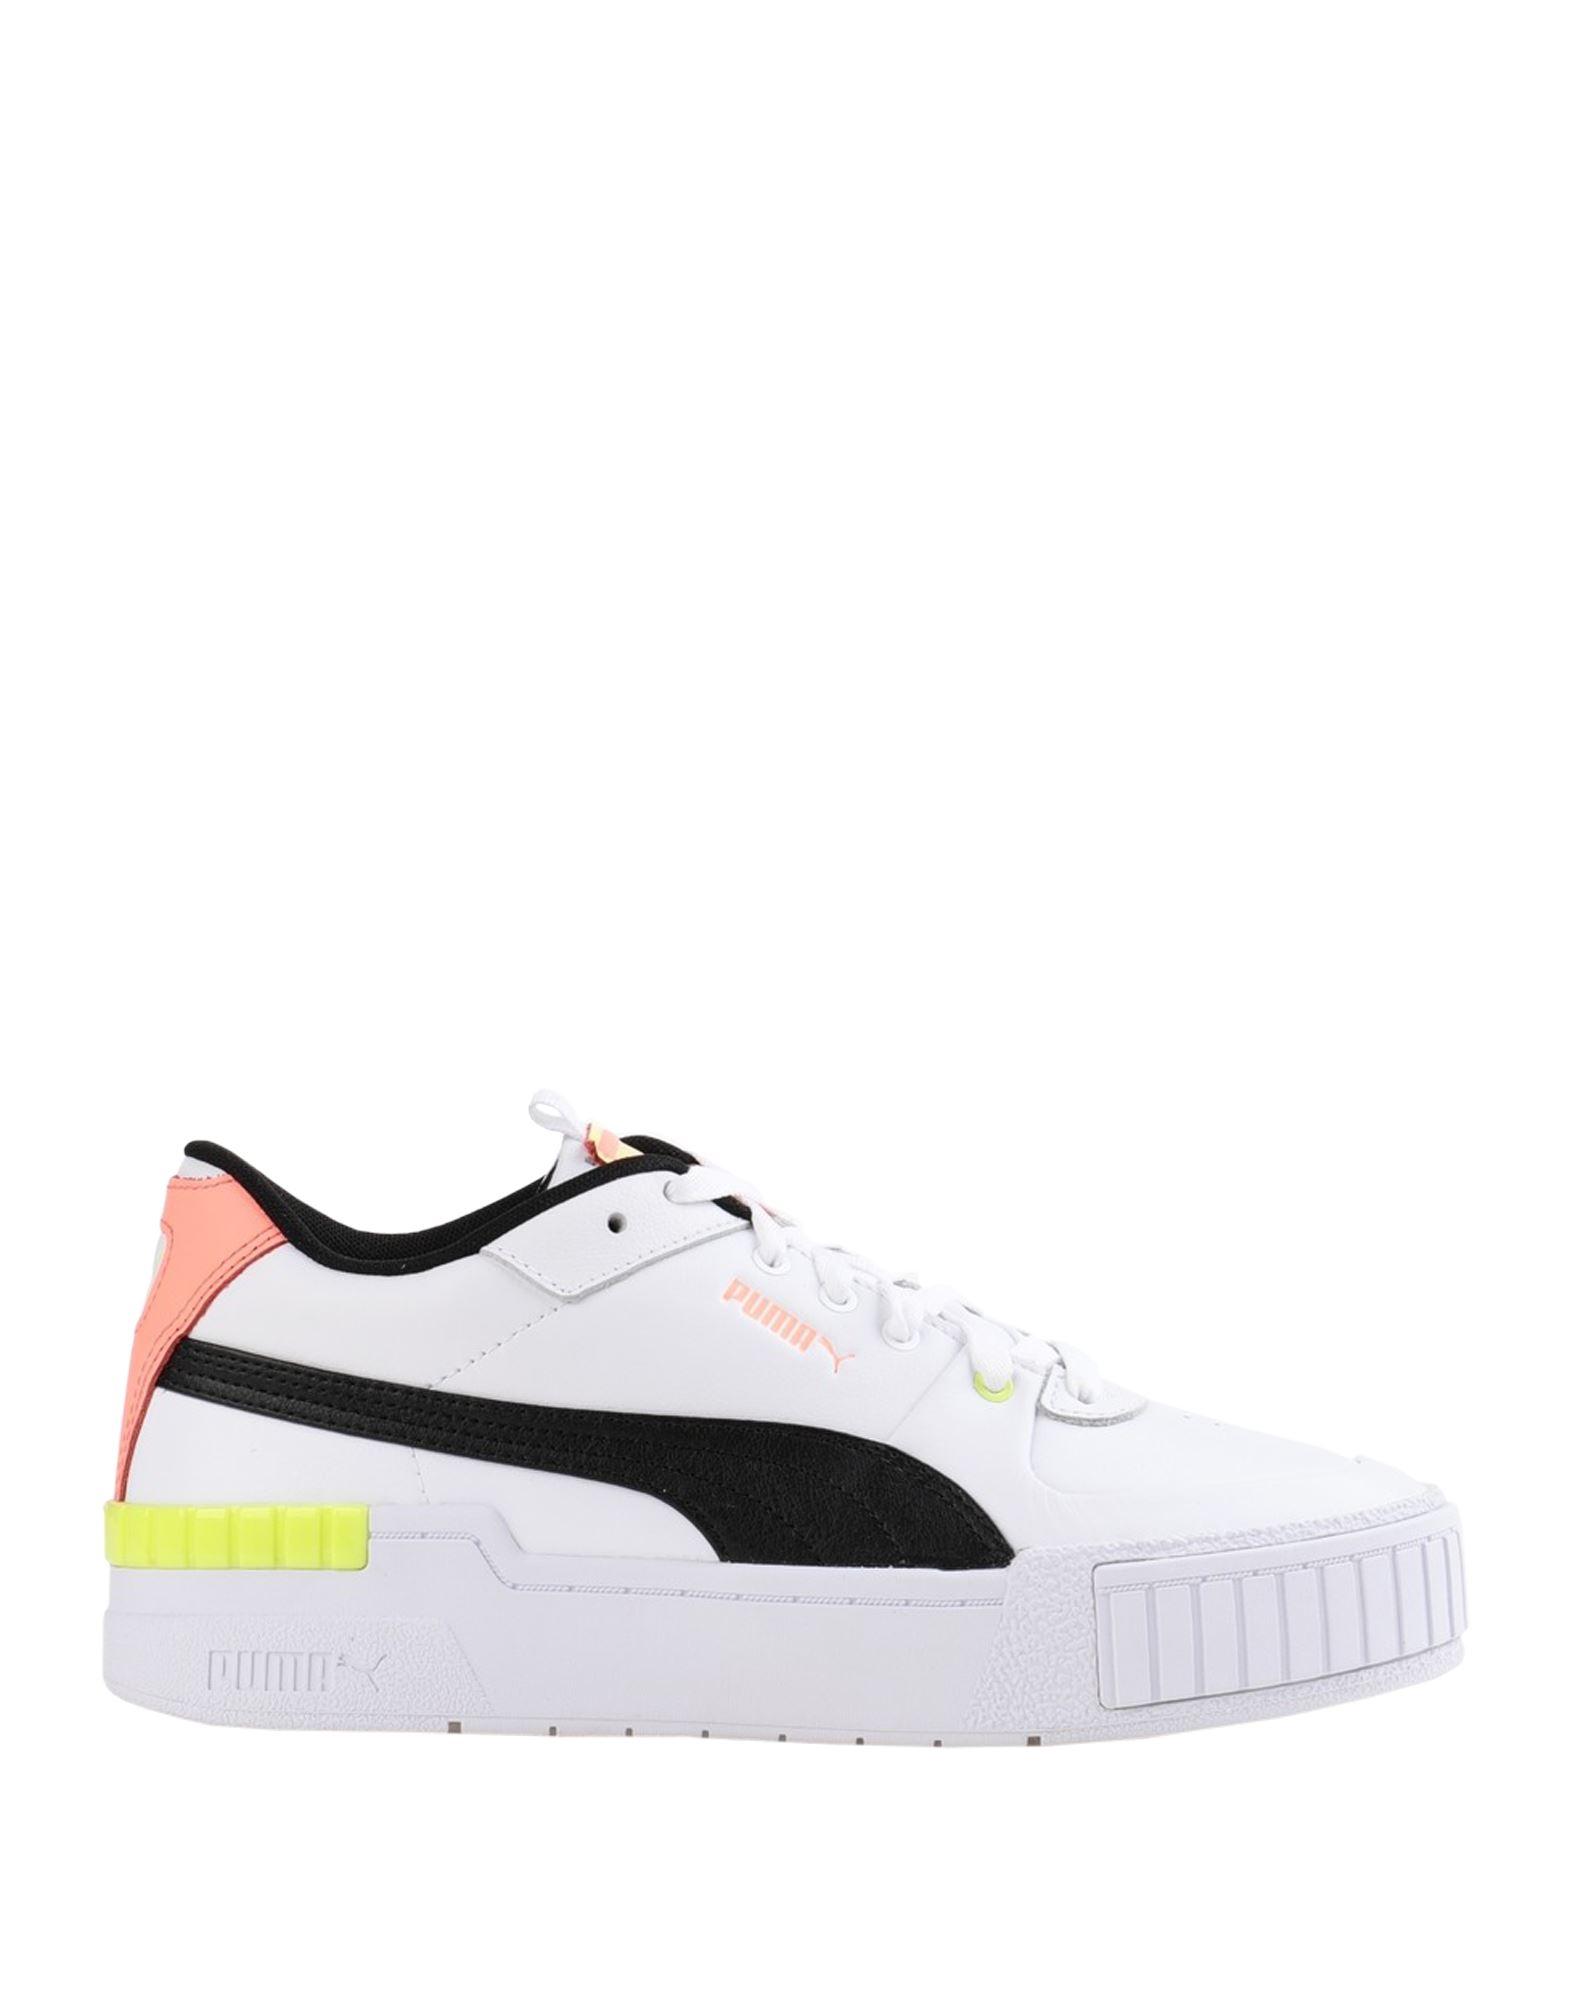 кеды женские puma cali wn s цвет белый 36915504 размер 5 5 37 5 PUMA Низкие кеды и кроссовки